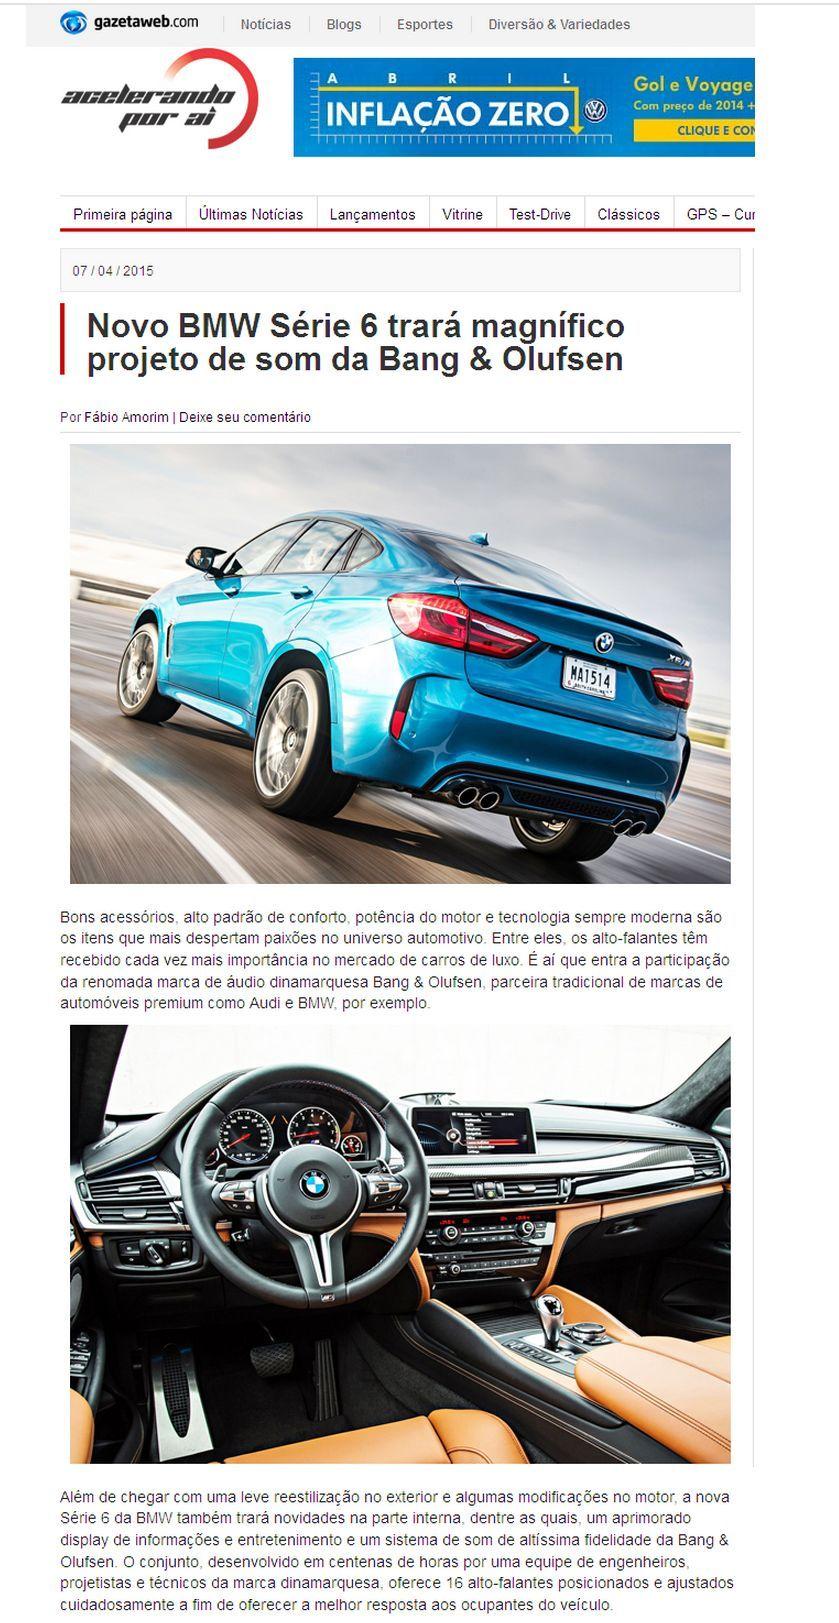 Título: Novo BMW Série 6 trará magnífico projeto de som da Bang&Olufsen. Veículo: Gazeta Web. Data: 07/04/2015. Cliente: Bang&Olufsen